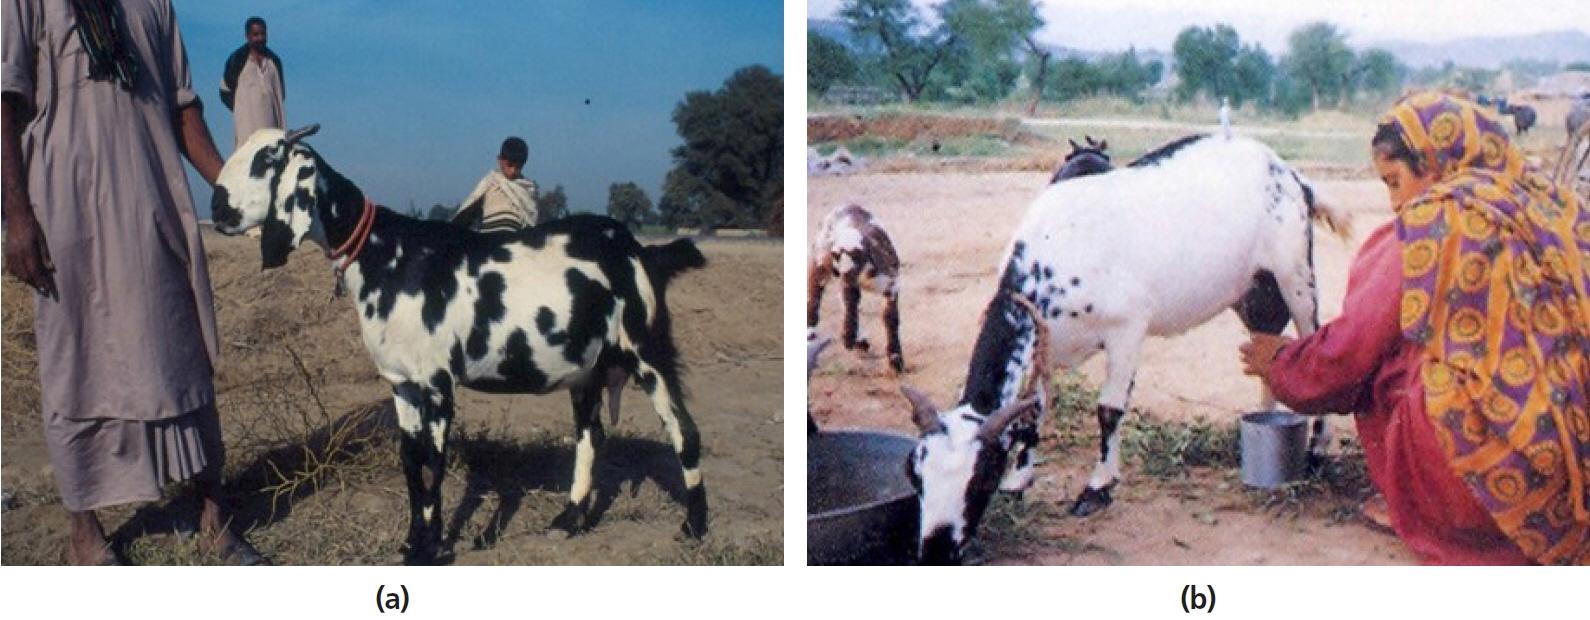 Goat Market In Pakistan